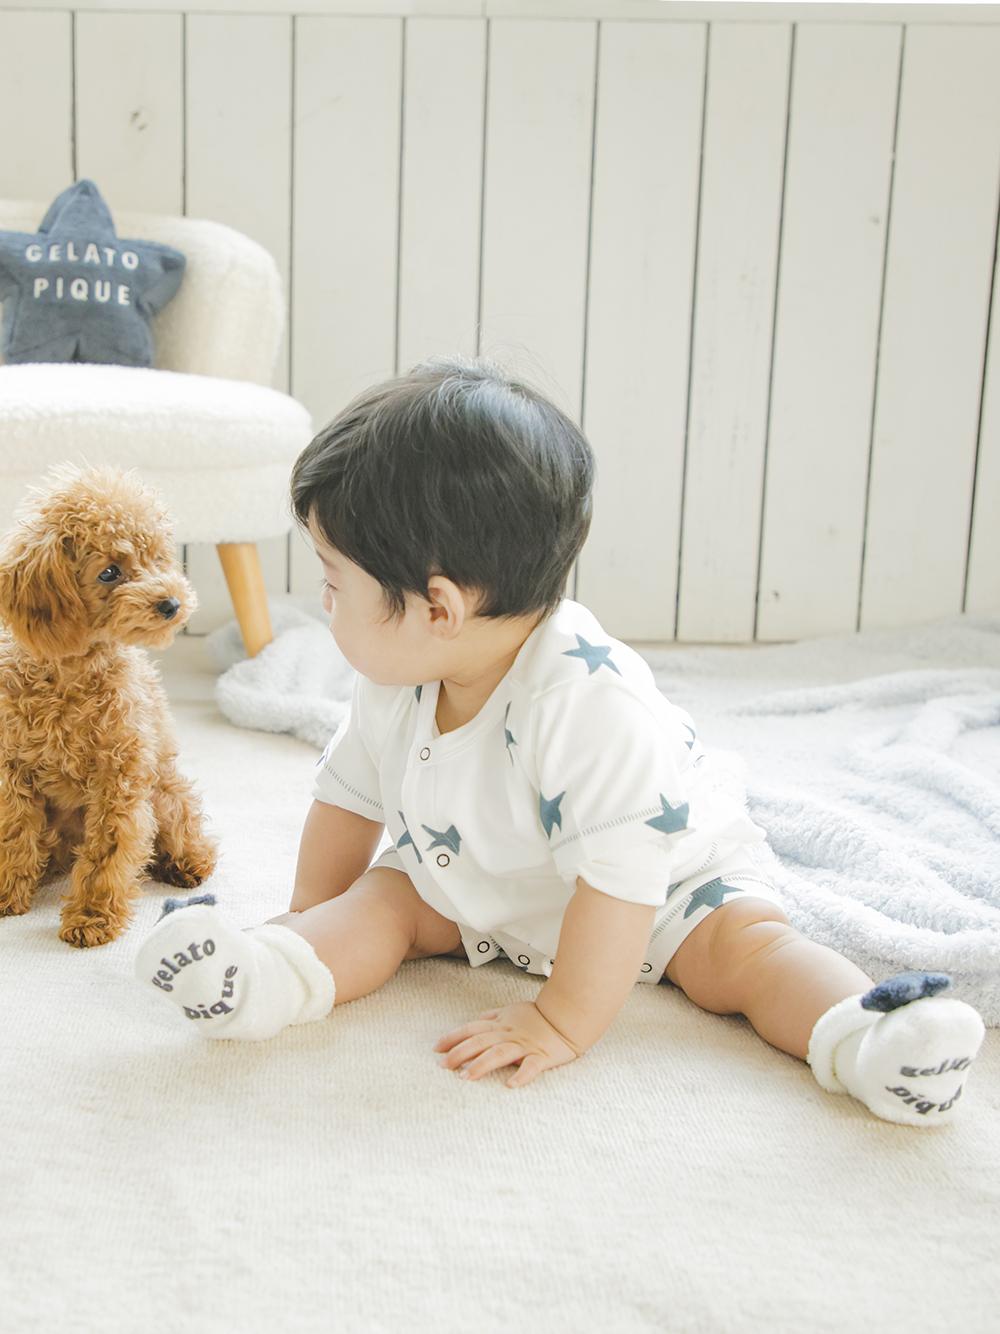 【BABY】'スムーズィー' baby スターソックス | PBGS212707